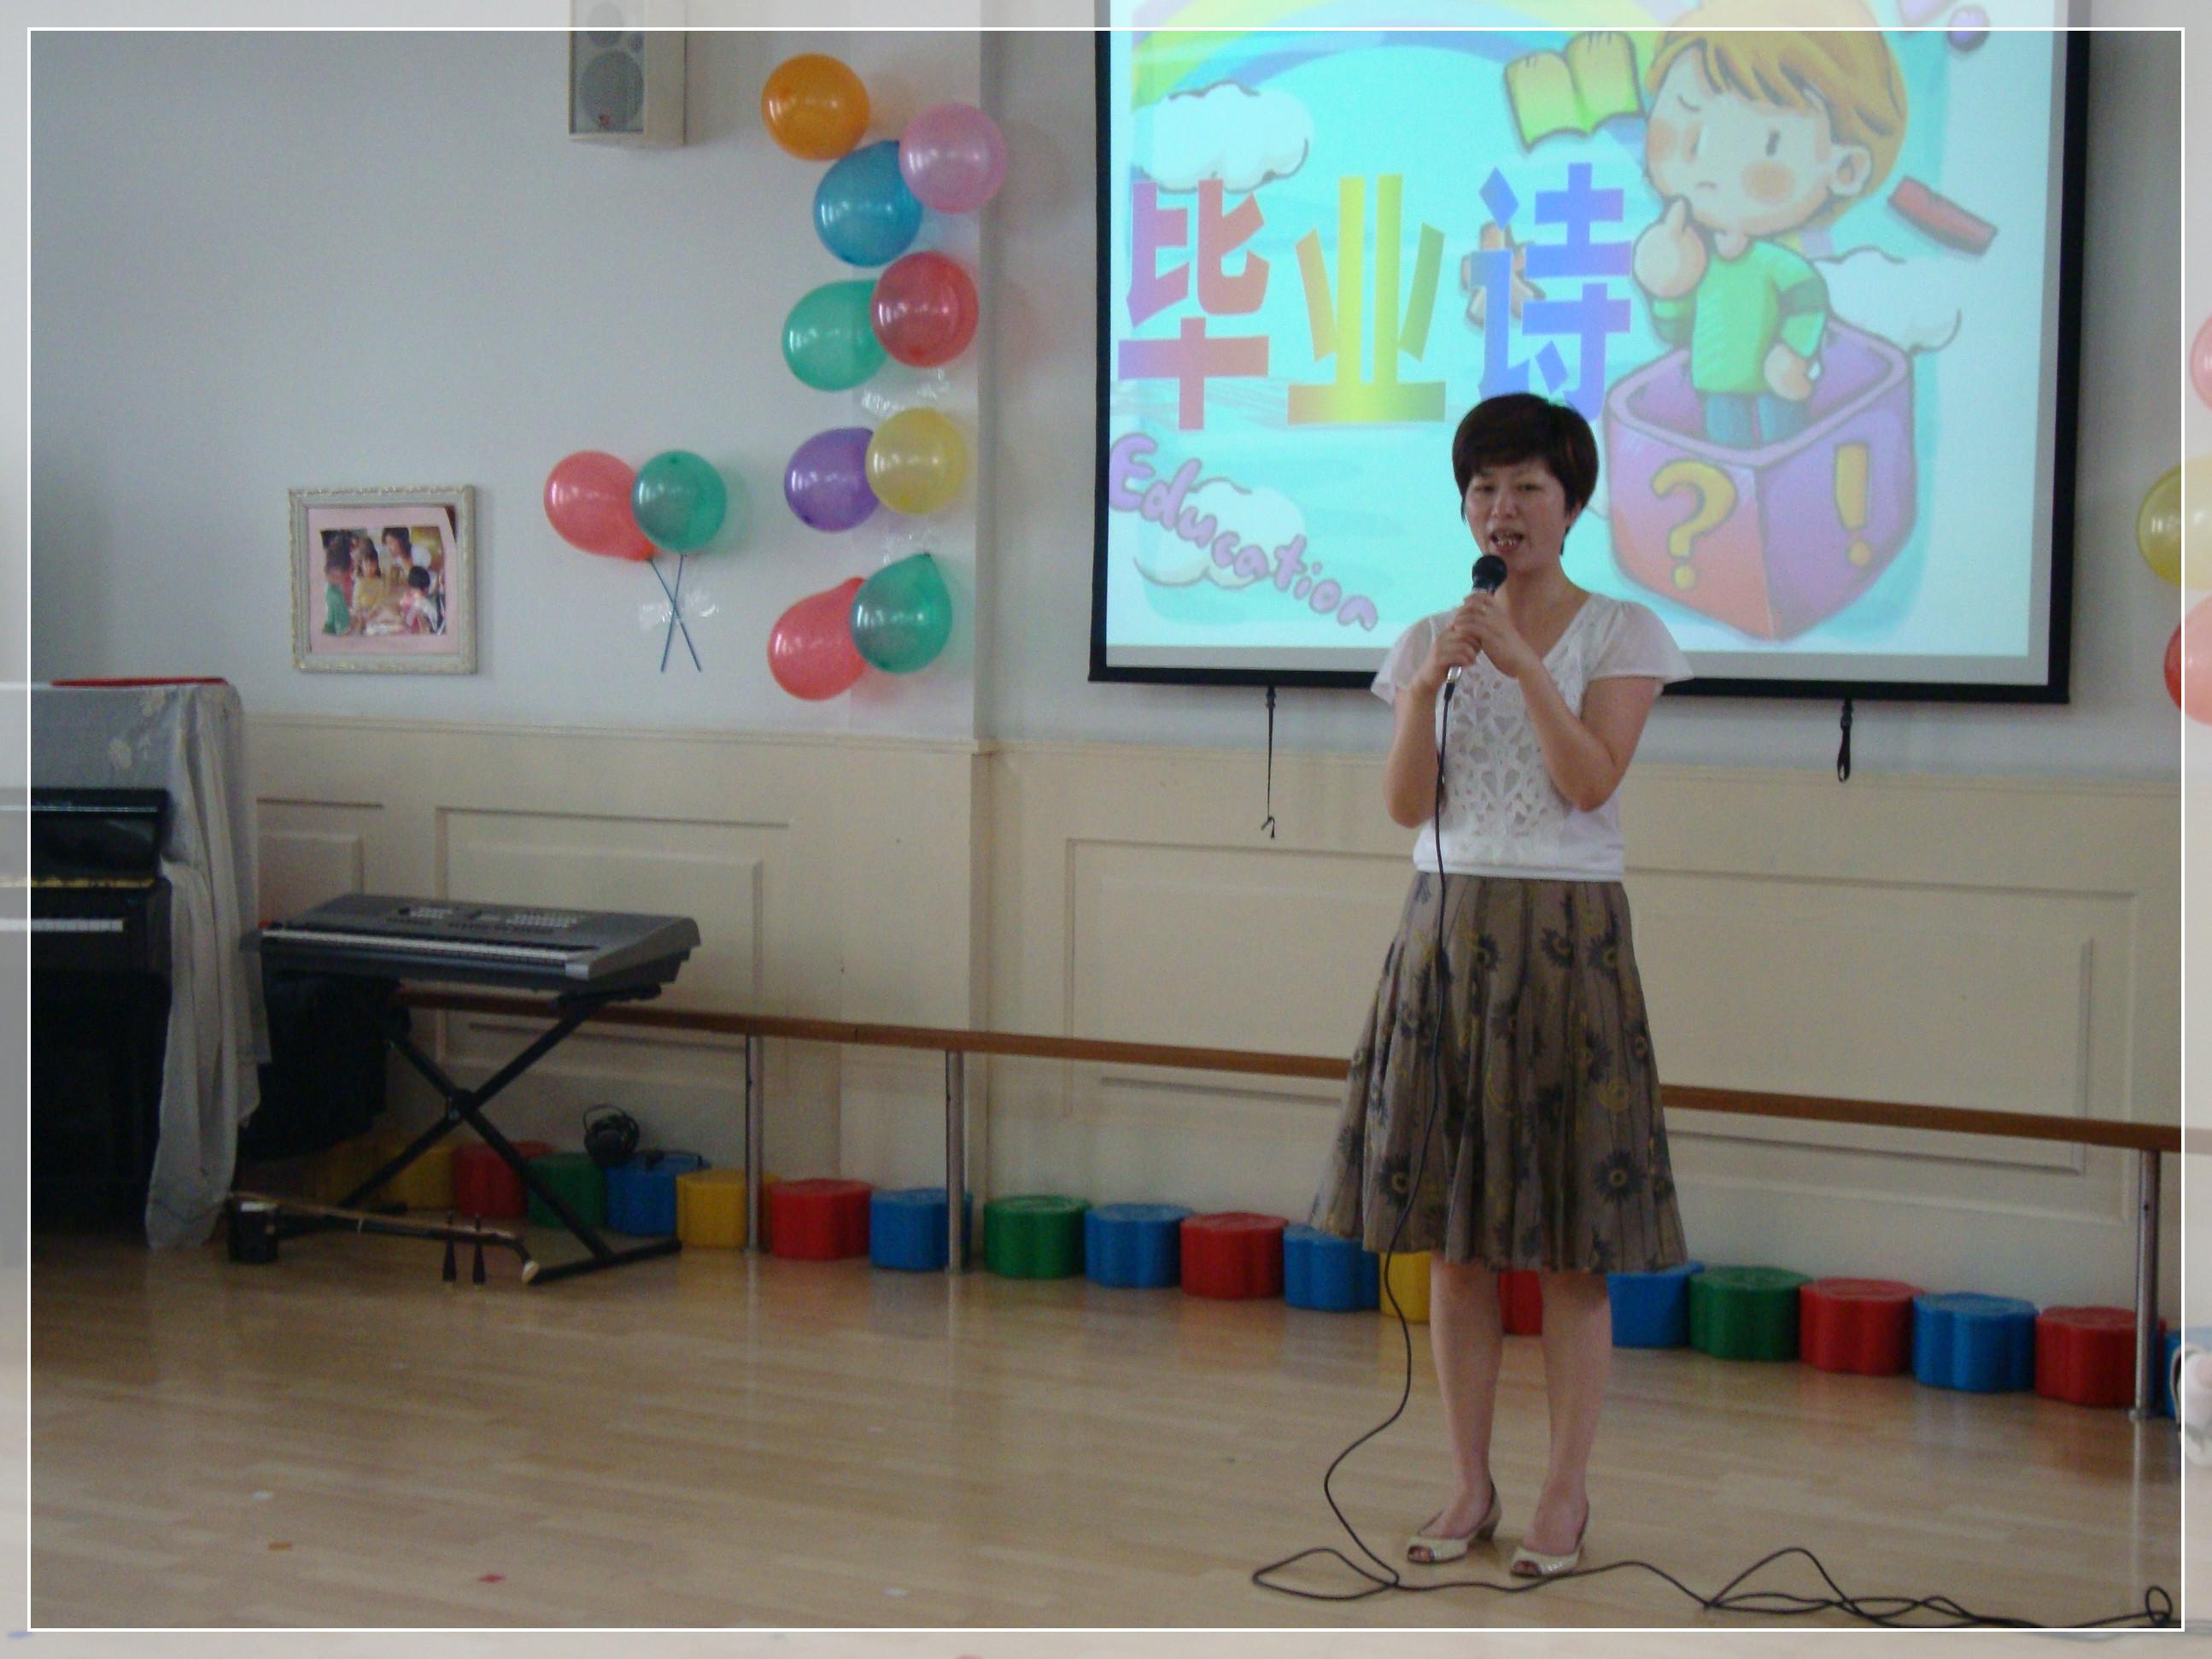 幼儿园还为孩子们准备了精美的礼物,期盼每个孩子的行囊里都能珍藏这图片